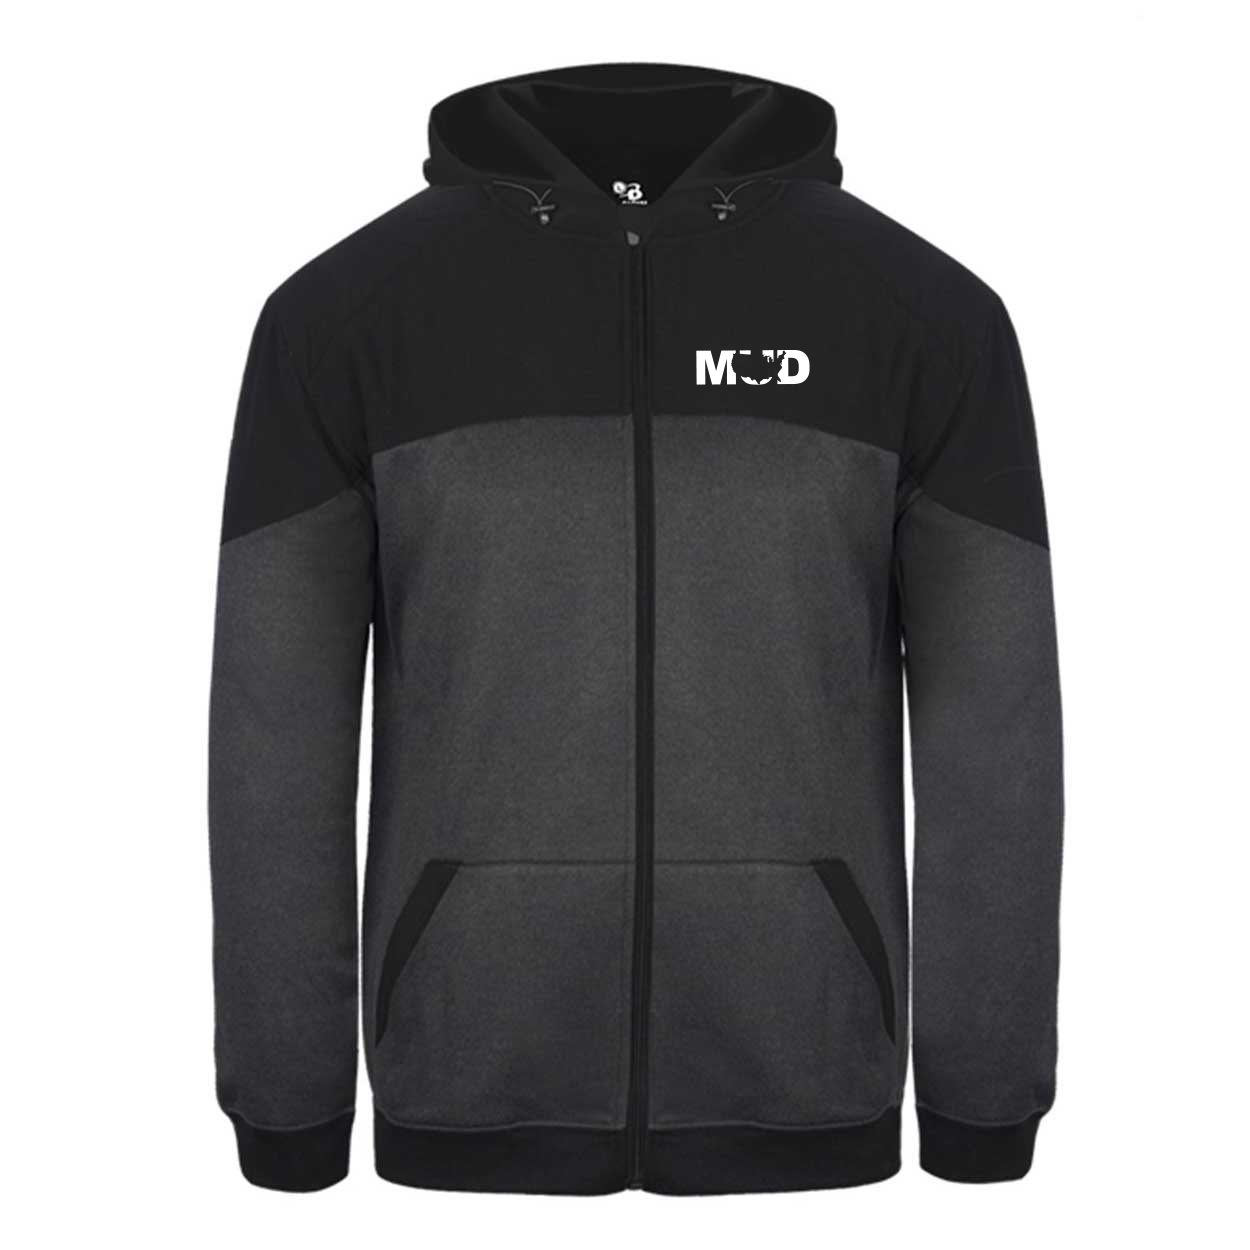 Mud United States Classic Vindicator Jacket Carbon Heather/Black (White Logo)